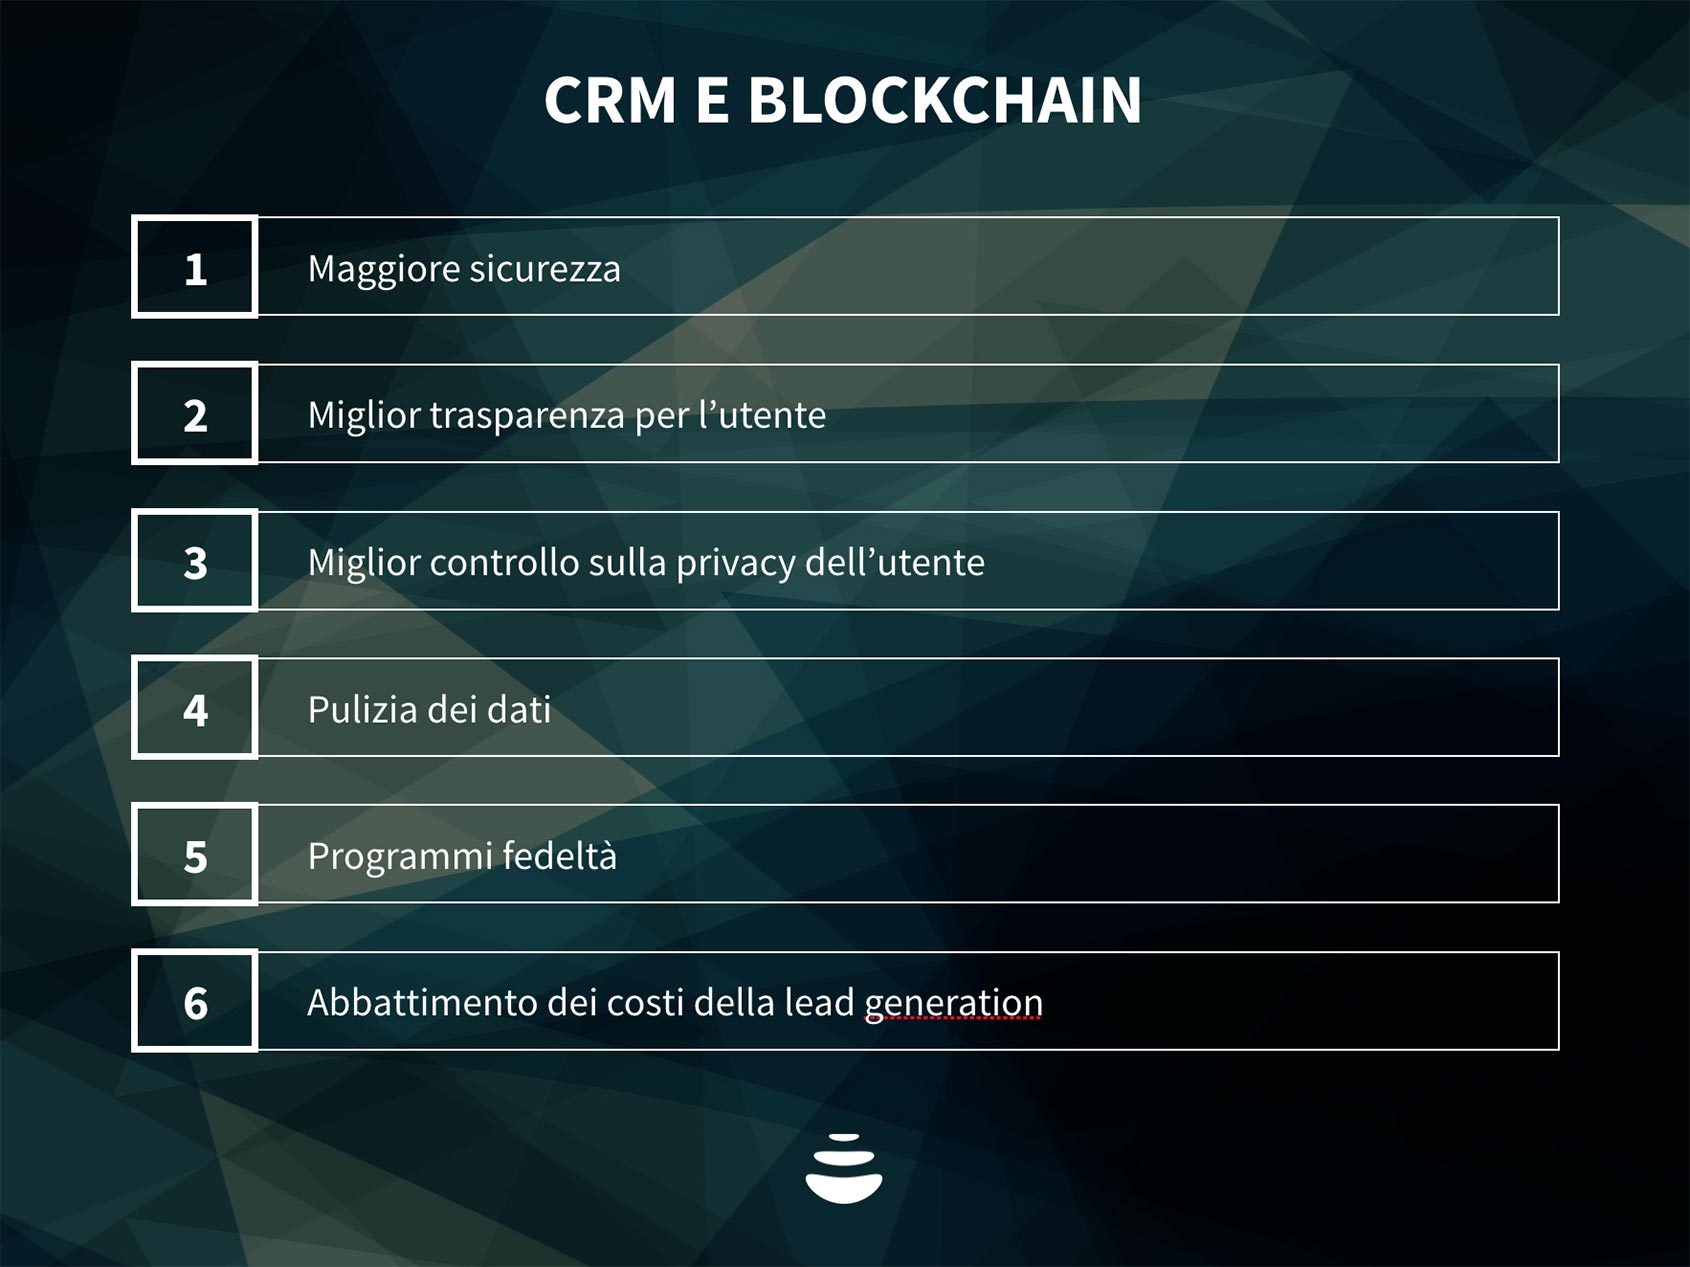 crm e blockchain